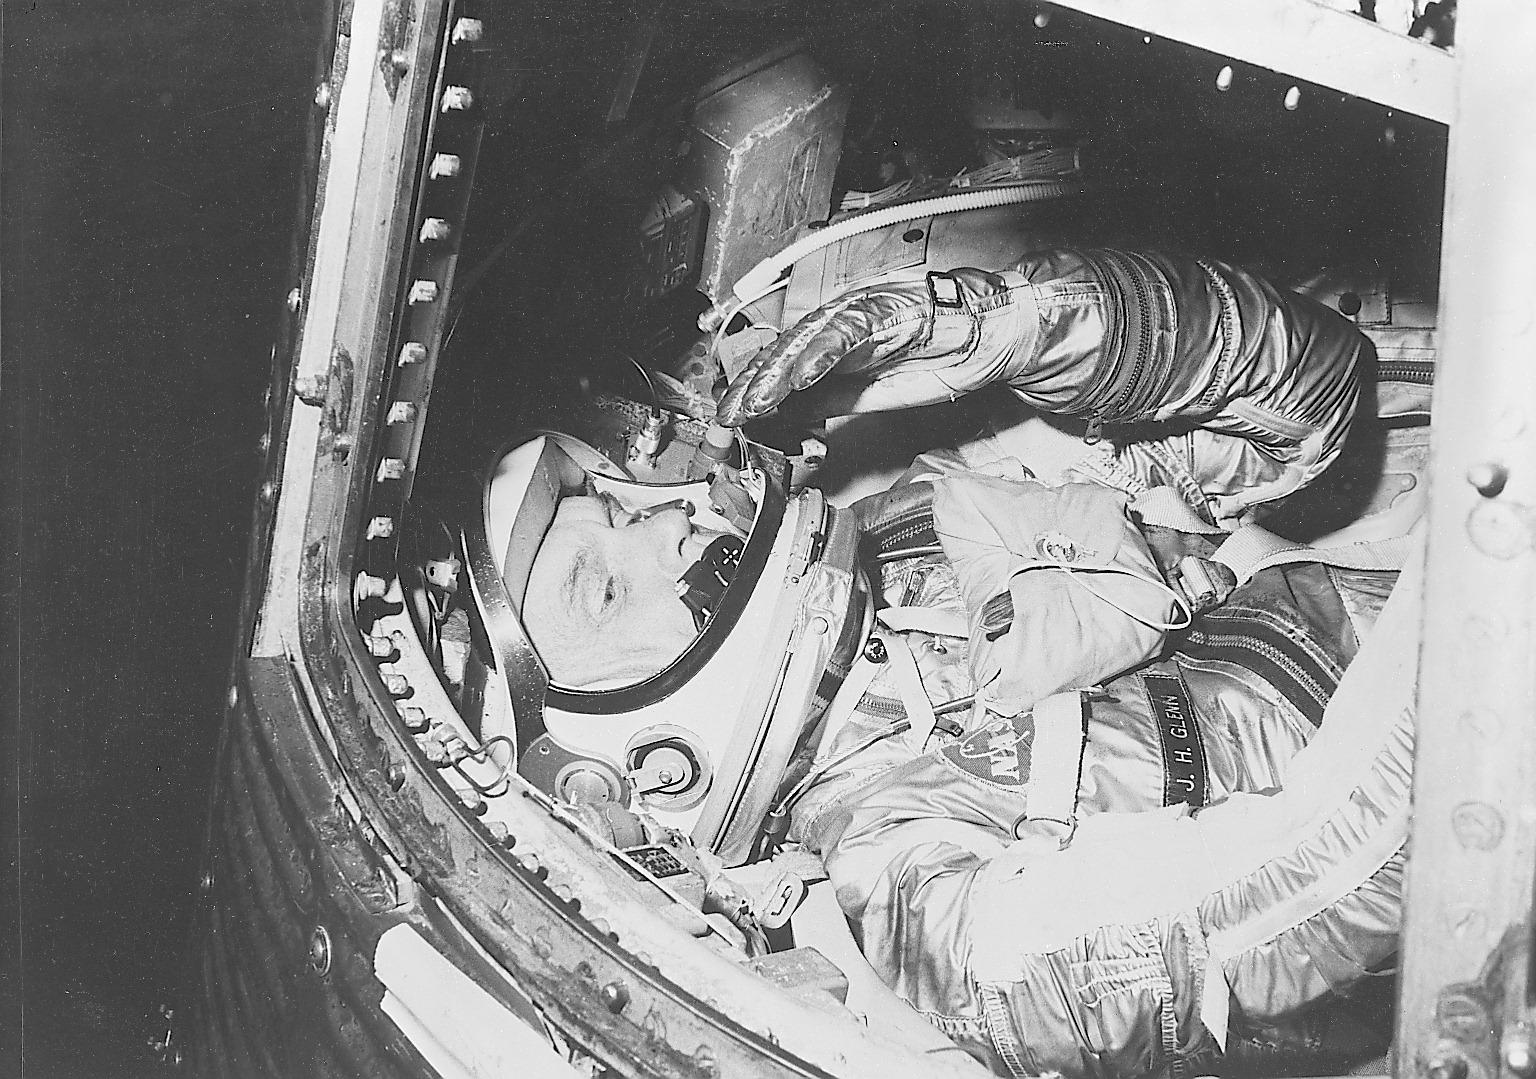 friendship 7 spacecraft take off - photo #28